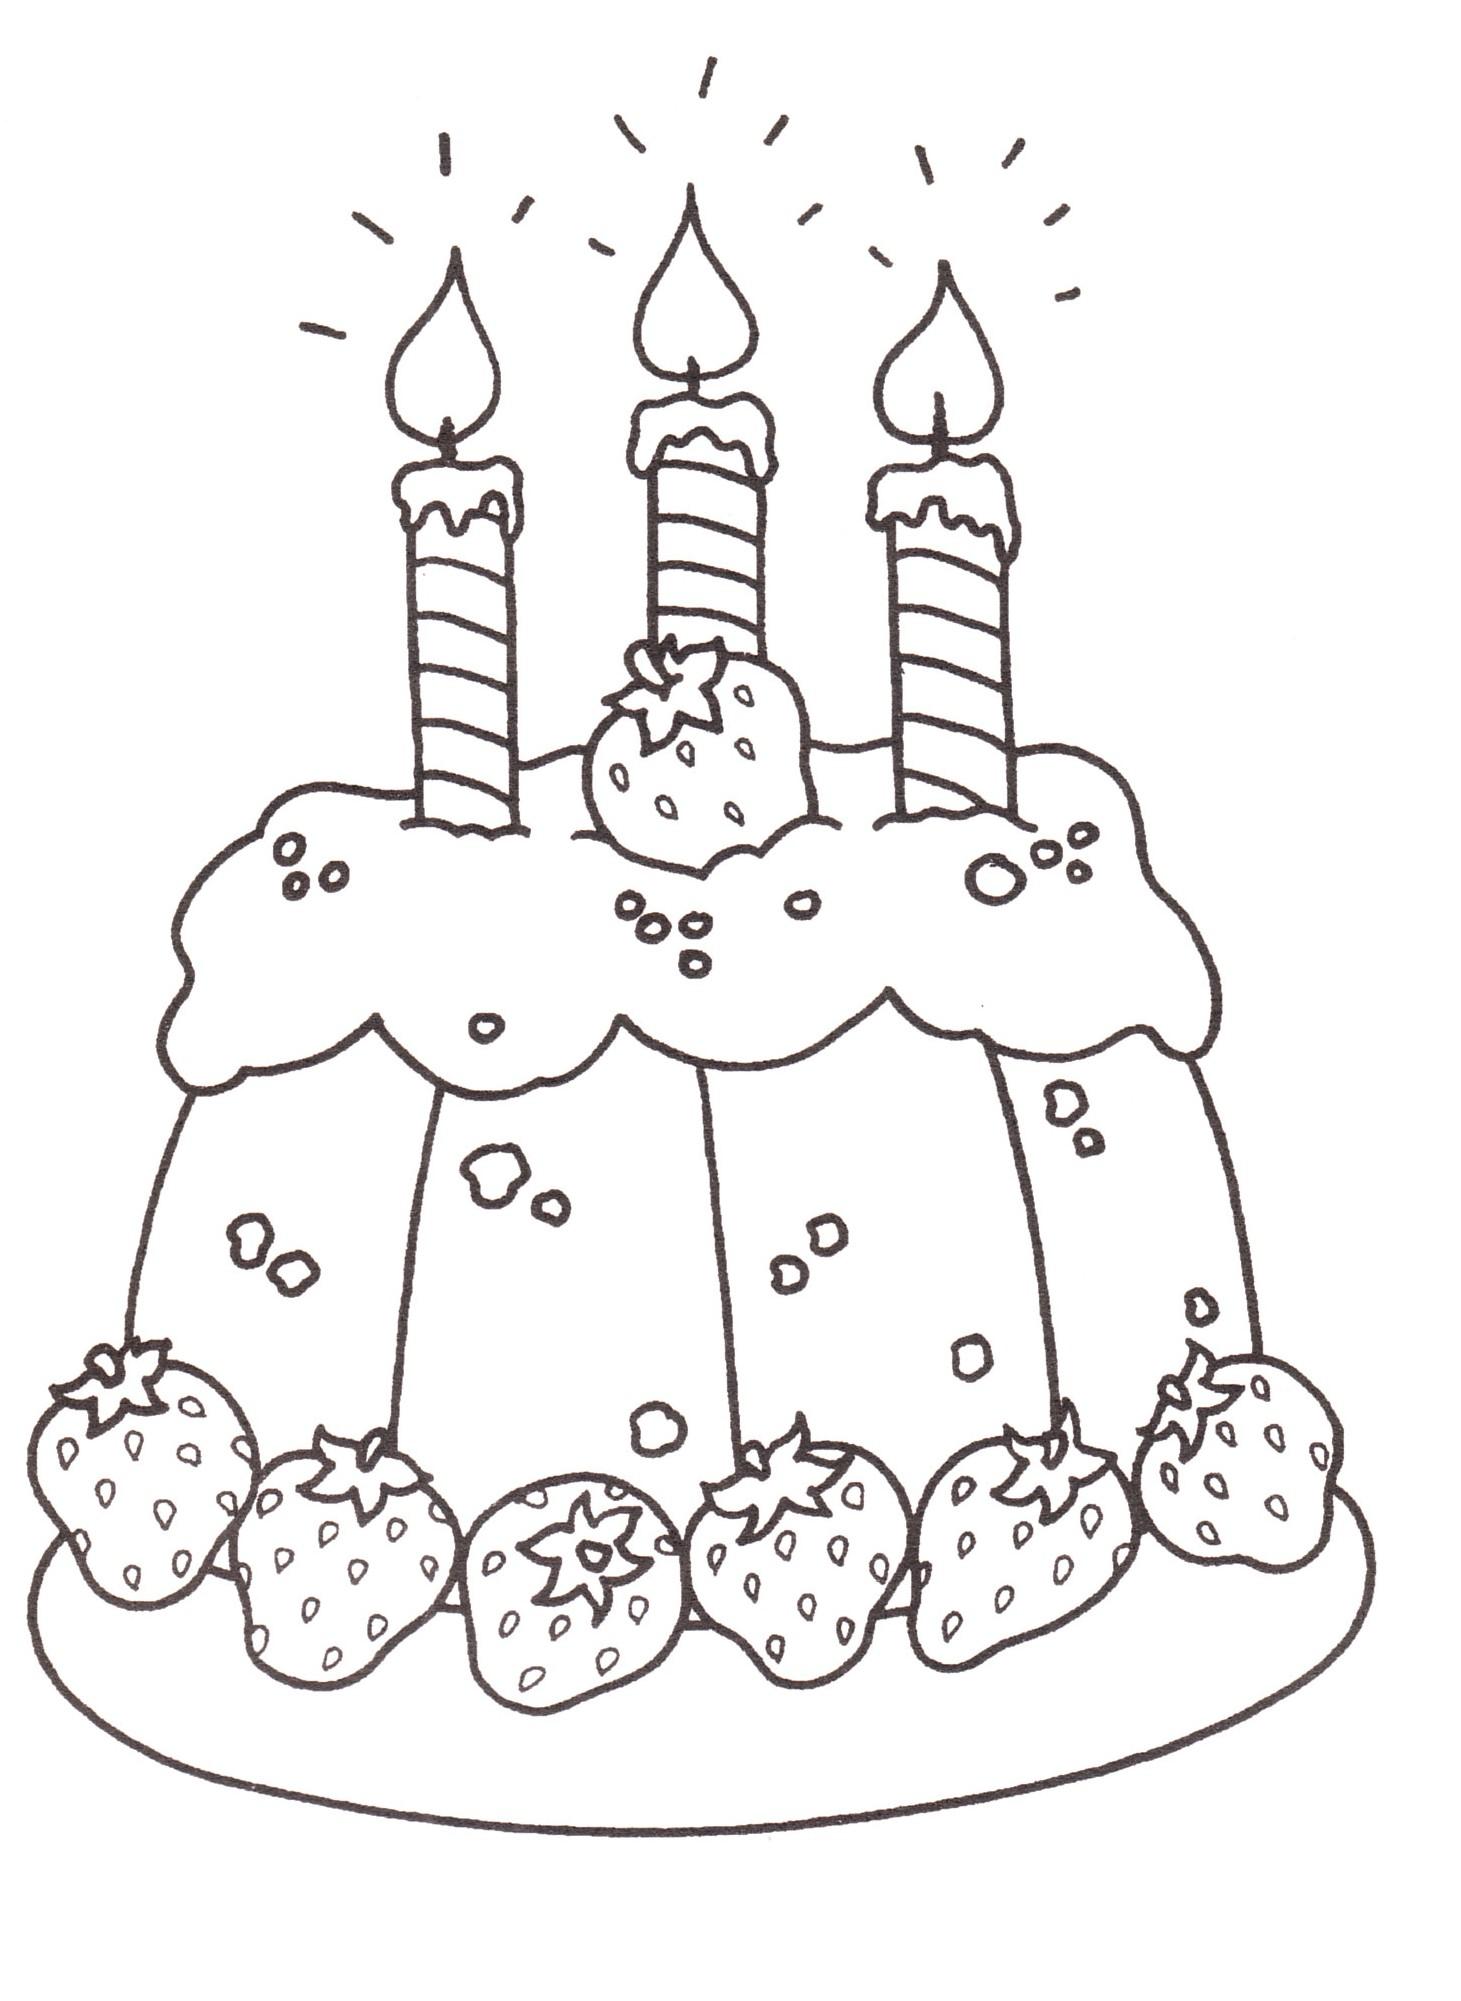 Disegni bambini stampare colorare torta compleanno - Buon compleanno da colorare immagini da colorare ...